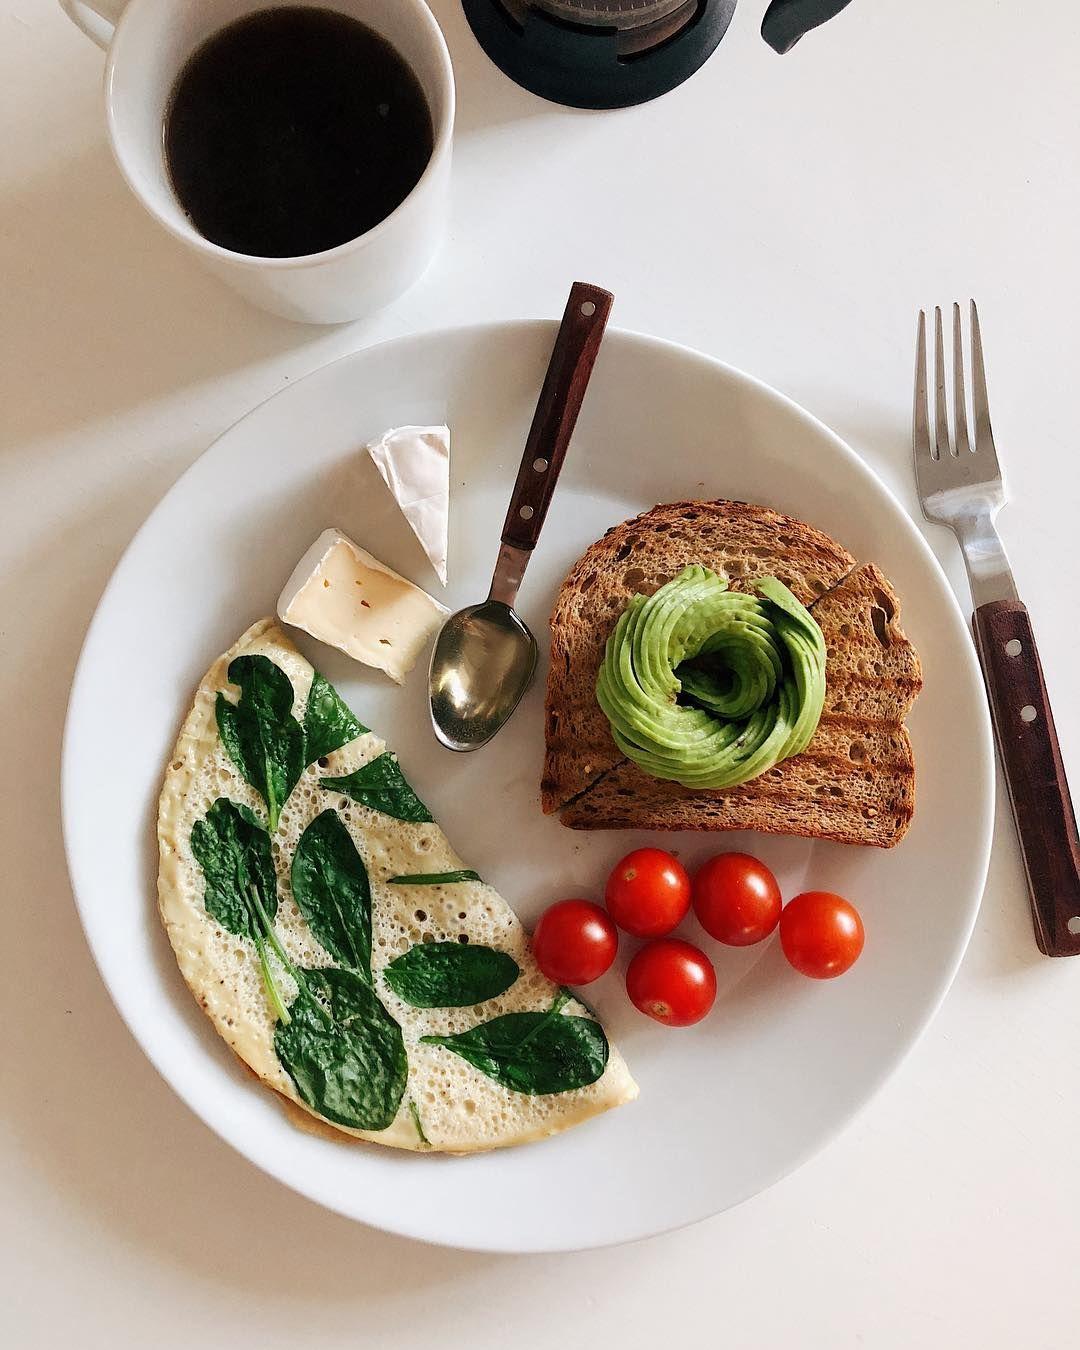 Первый завтрак в новой квартире 🎉 И я объелась 🤪 ᅠ Завтра